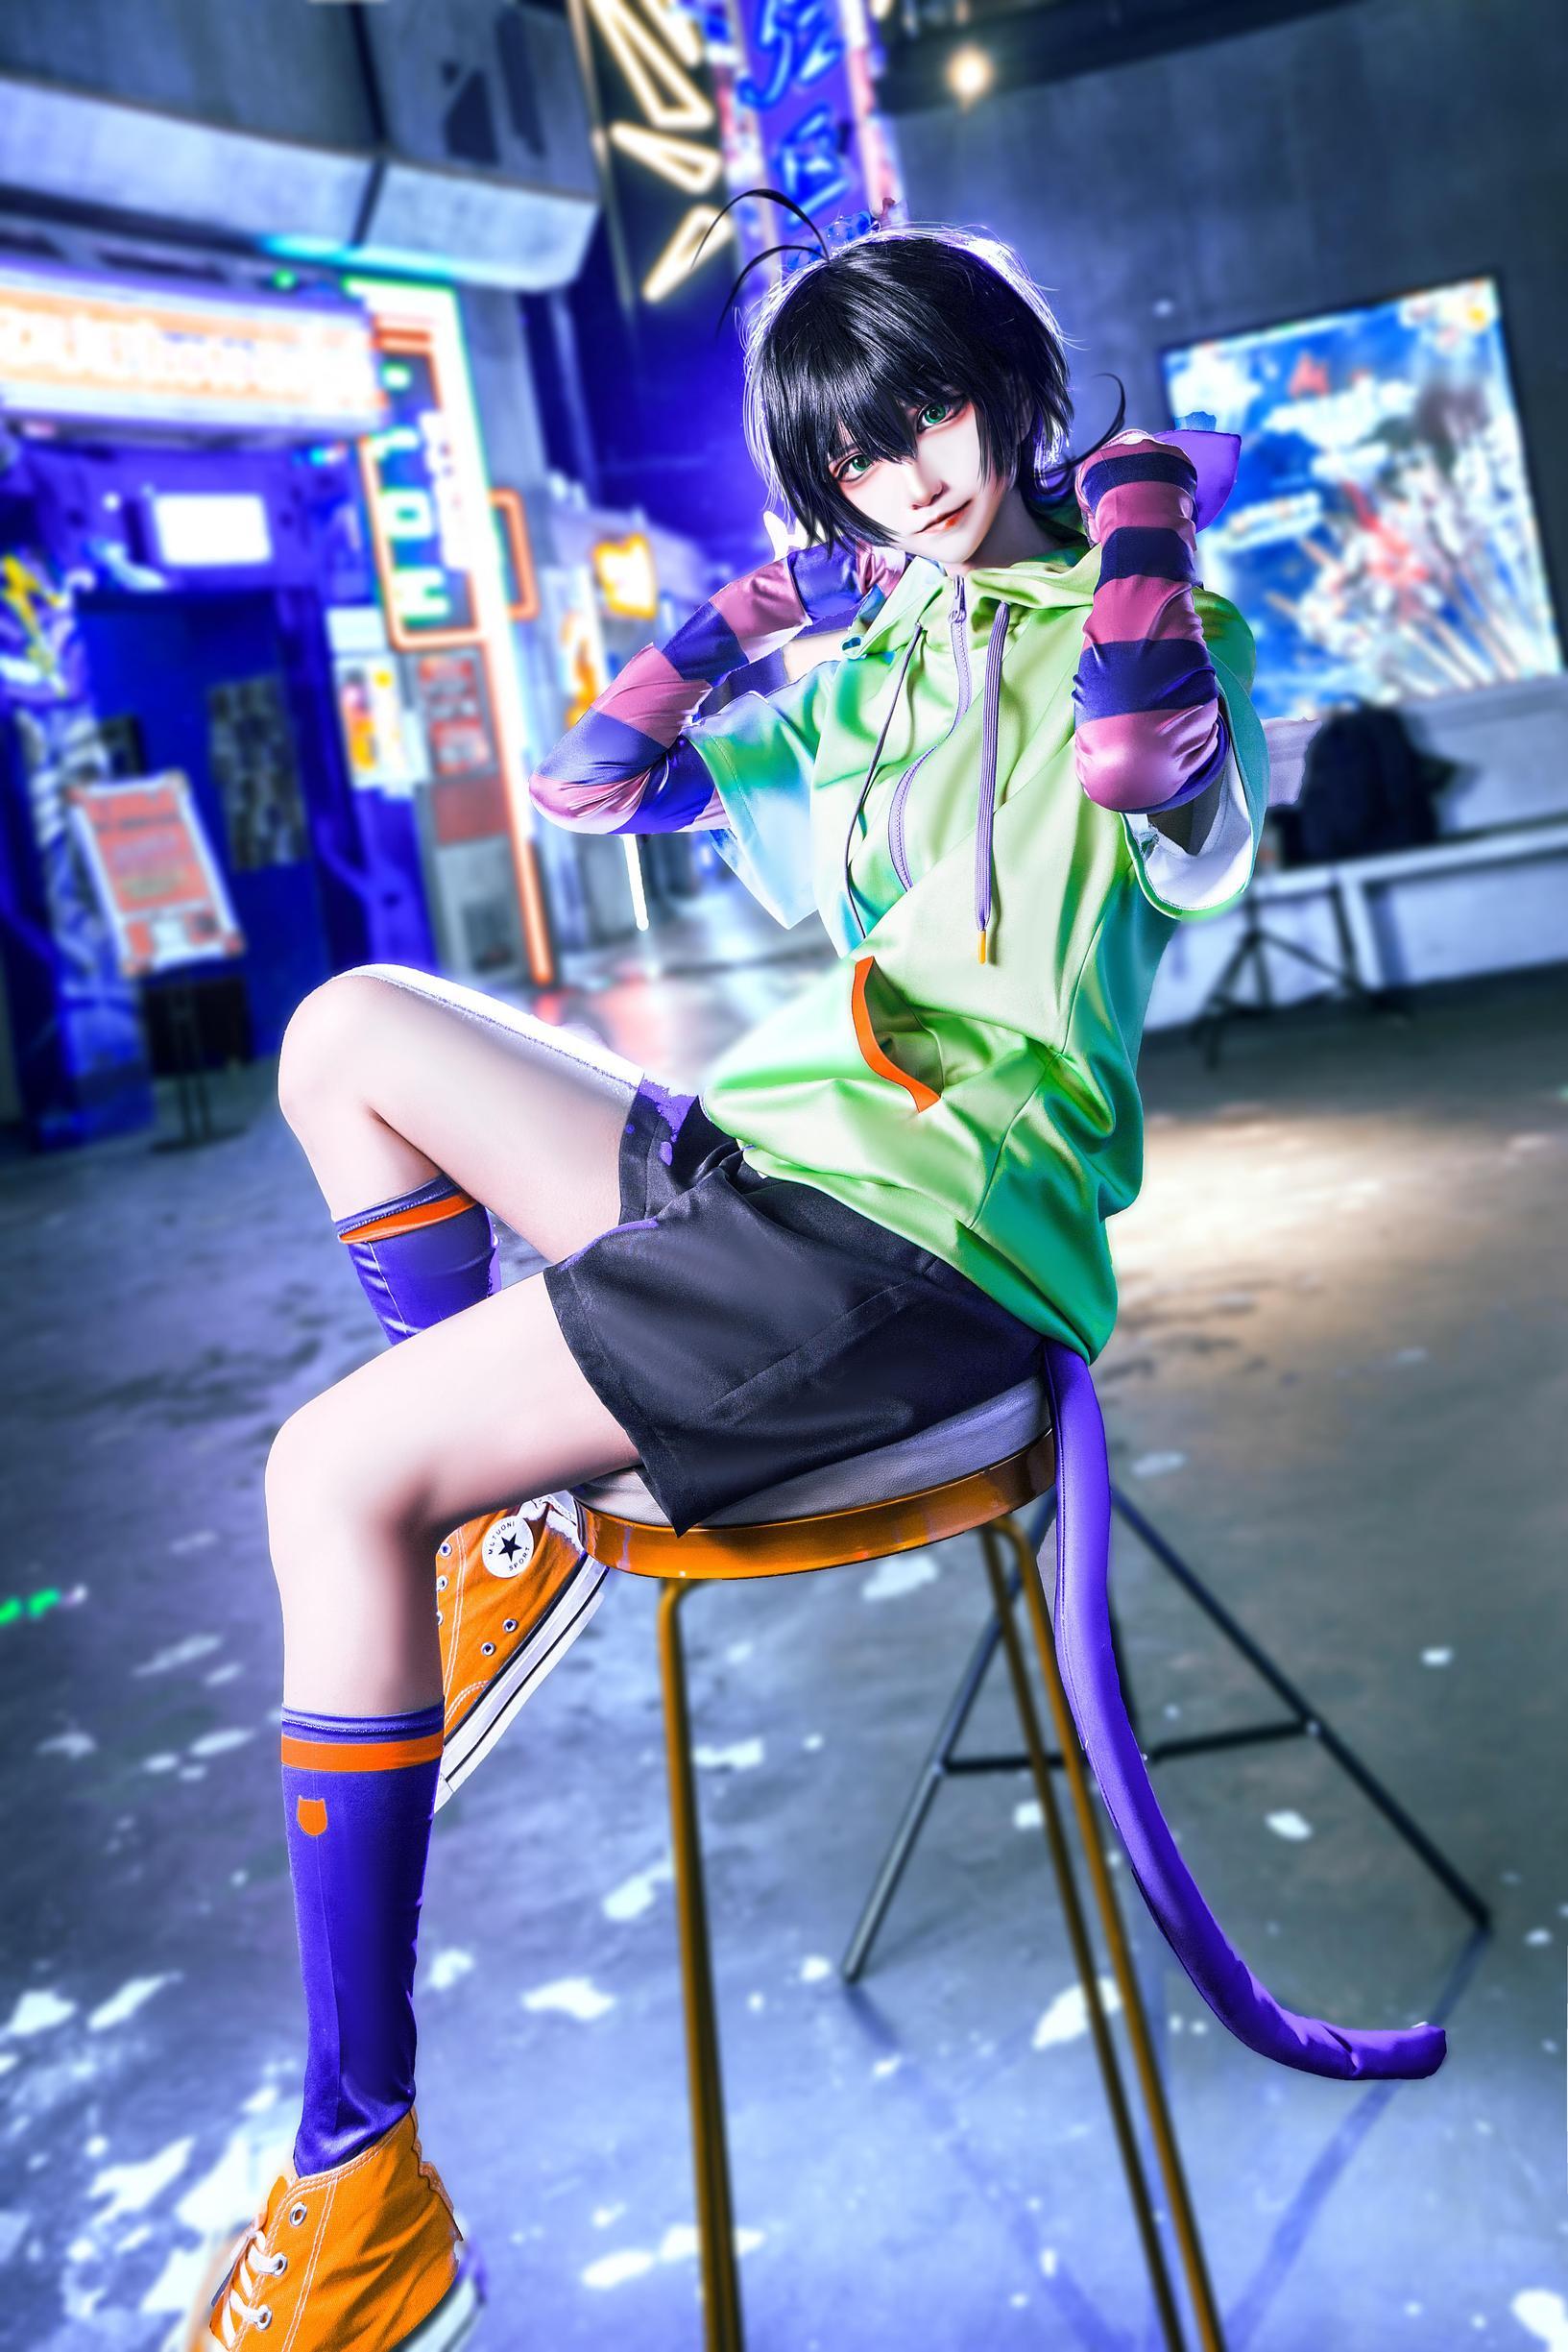 《无限滑板》少年cosplay【CN:南千鲤Akirui】-第7张